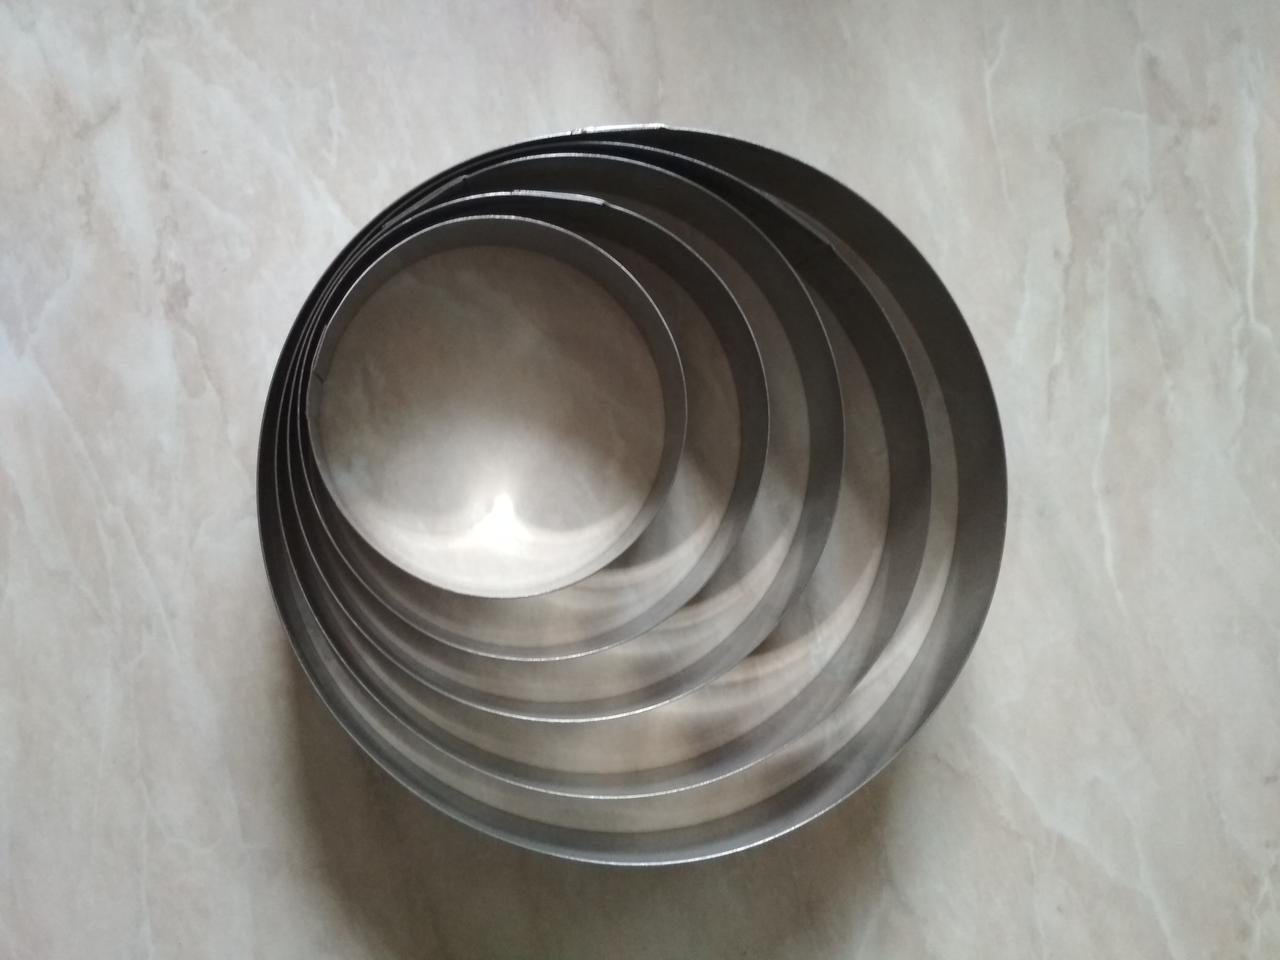 Кольцо для формирования десертов 18см, высота 6 см